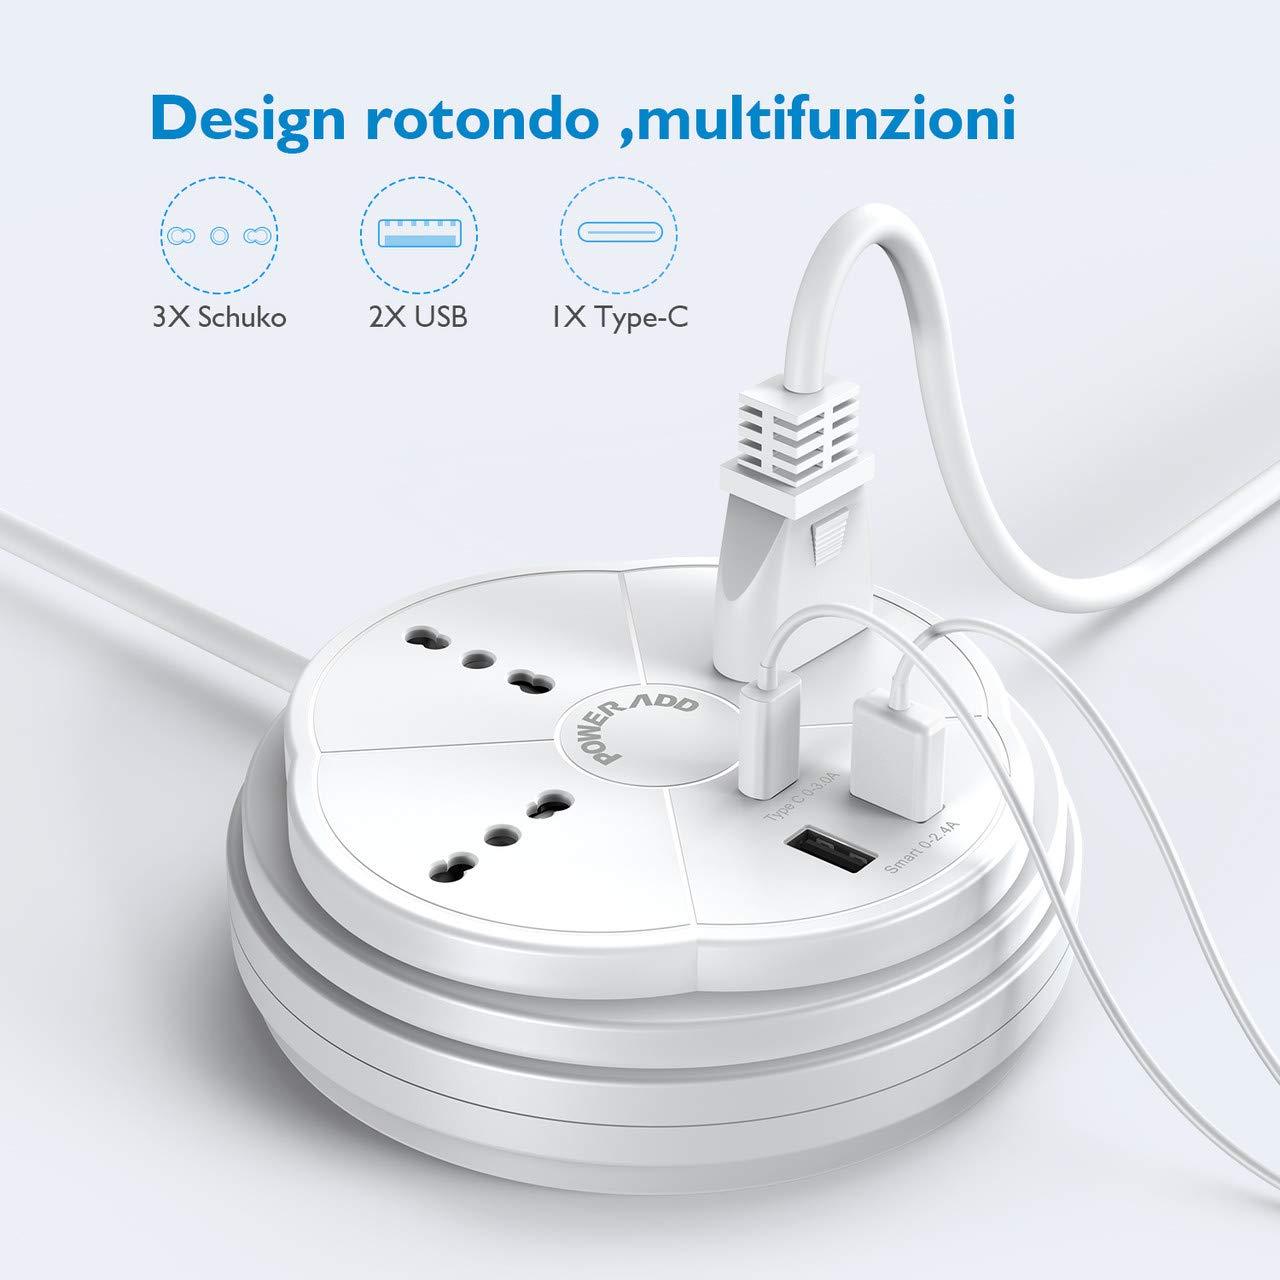 Poweradd Multipresa da scrivania/Tavolo, 3 Prese +2 USB +1 Type-C,3000W. Design rontondo risparmia spazio.